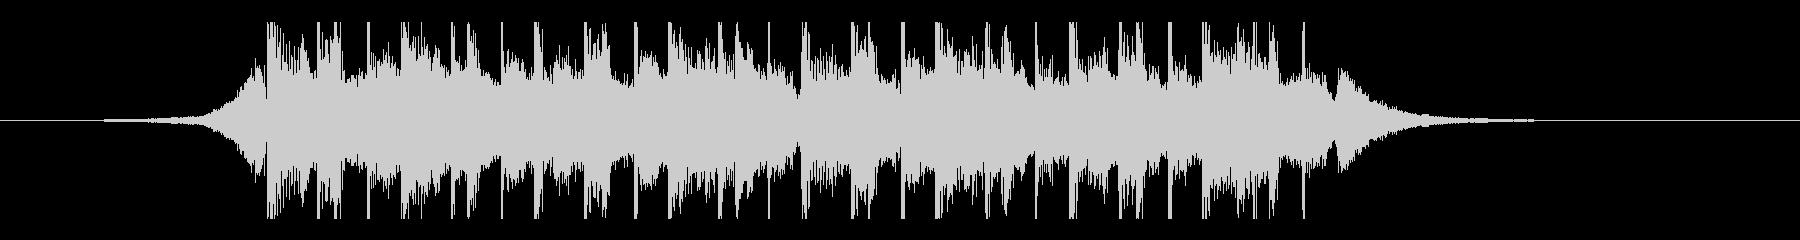 ラマダン(15秒)の未再生の波形